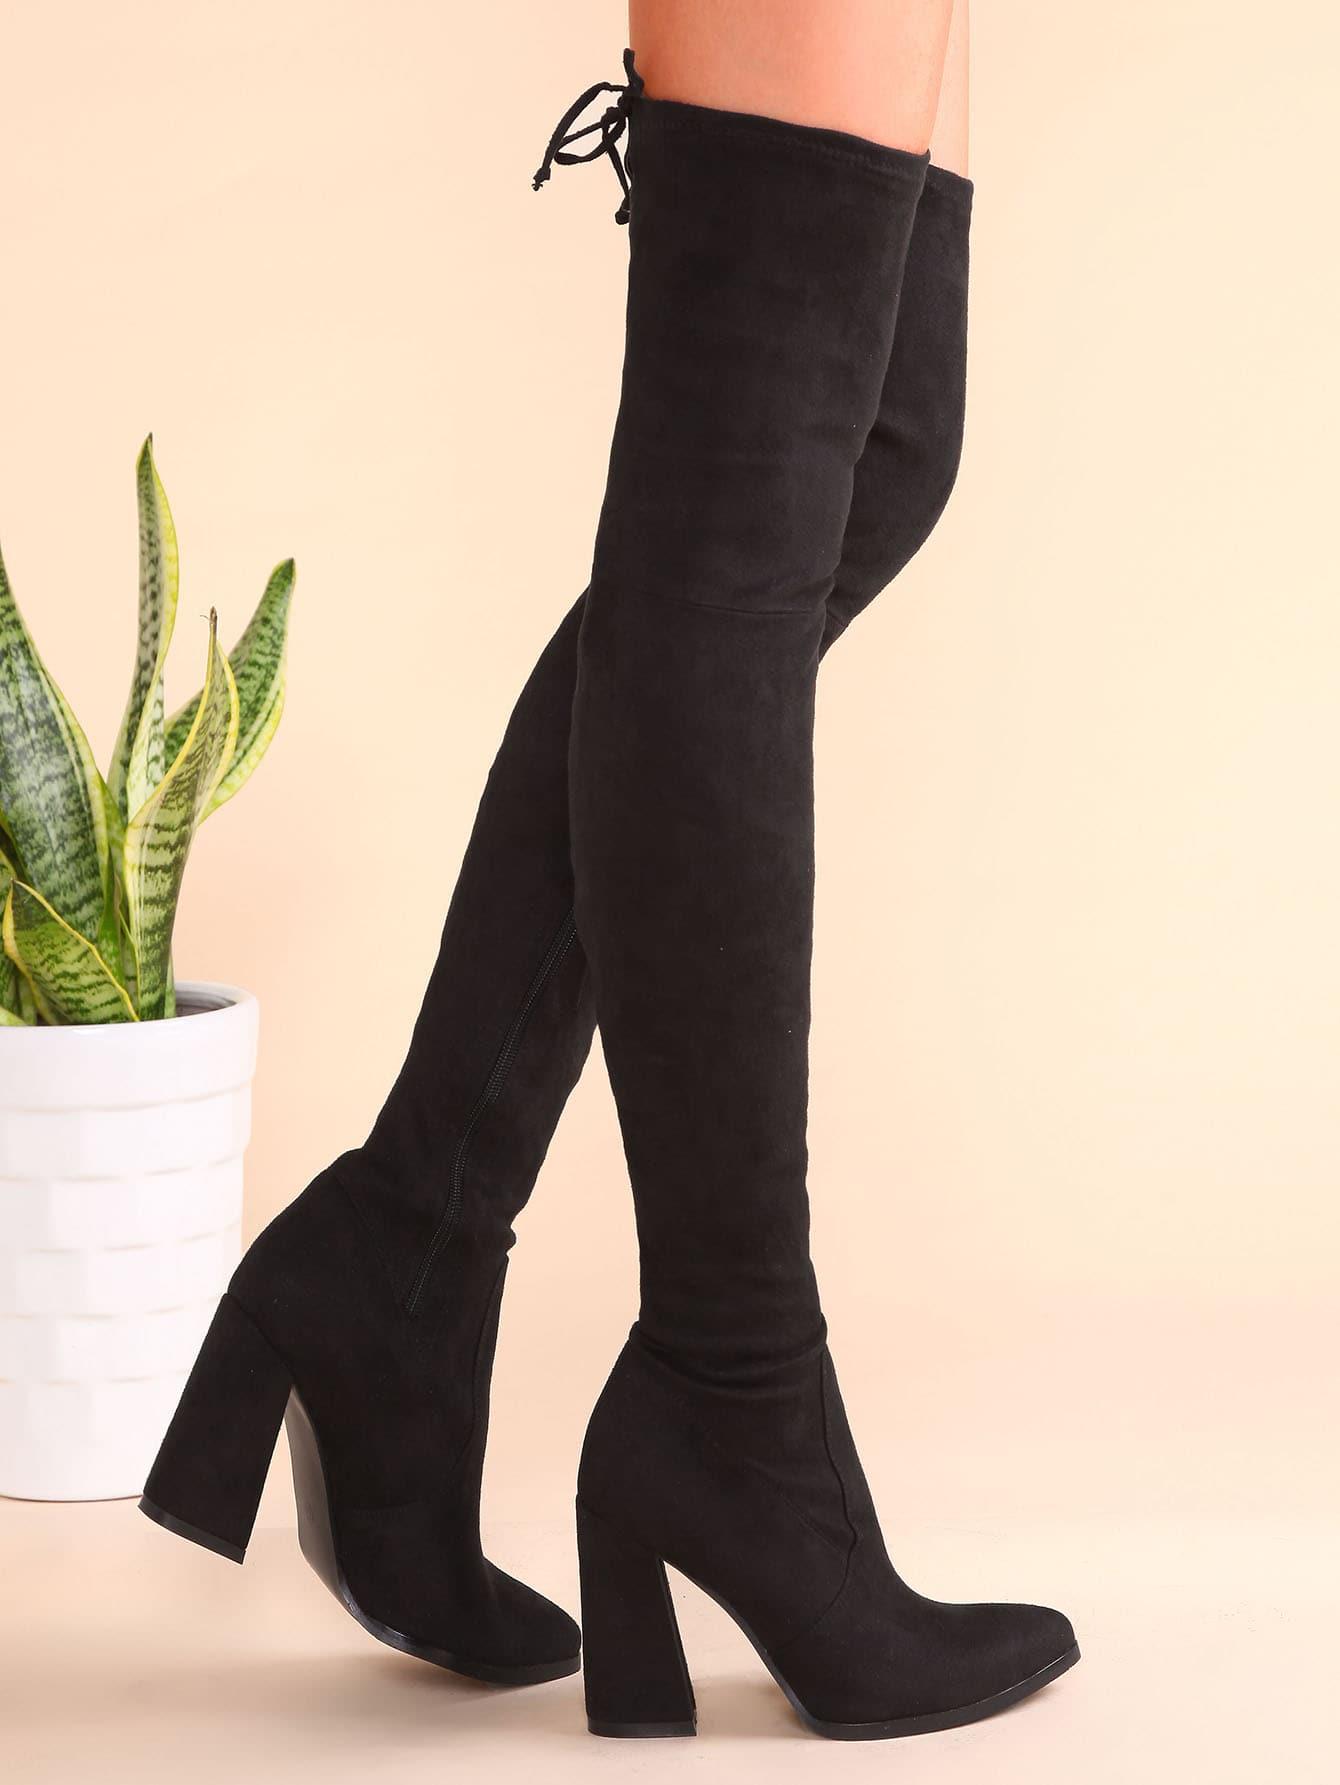 shoes161107806_2